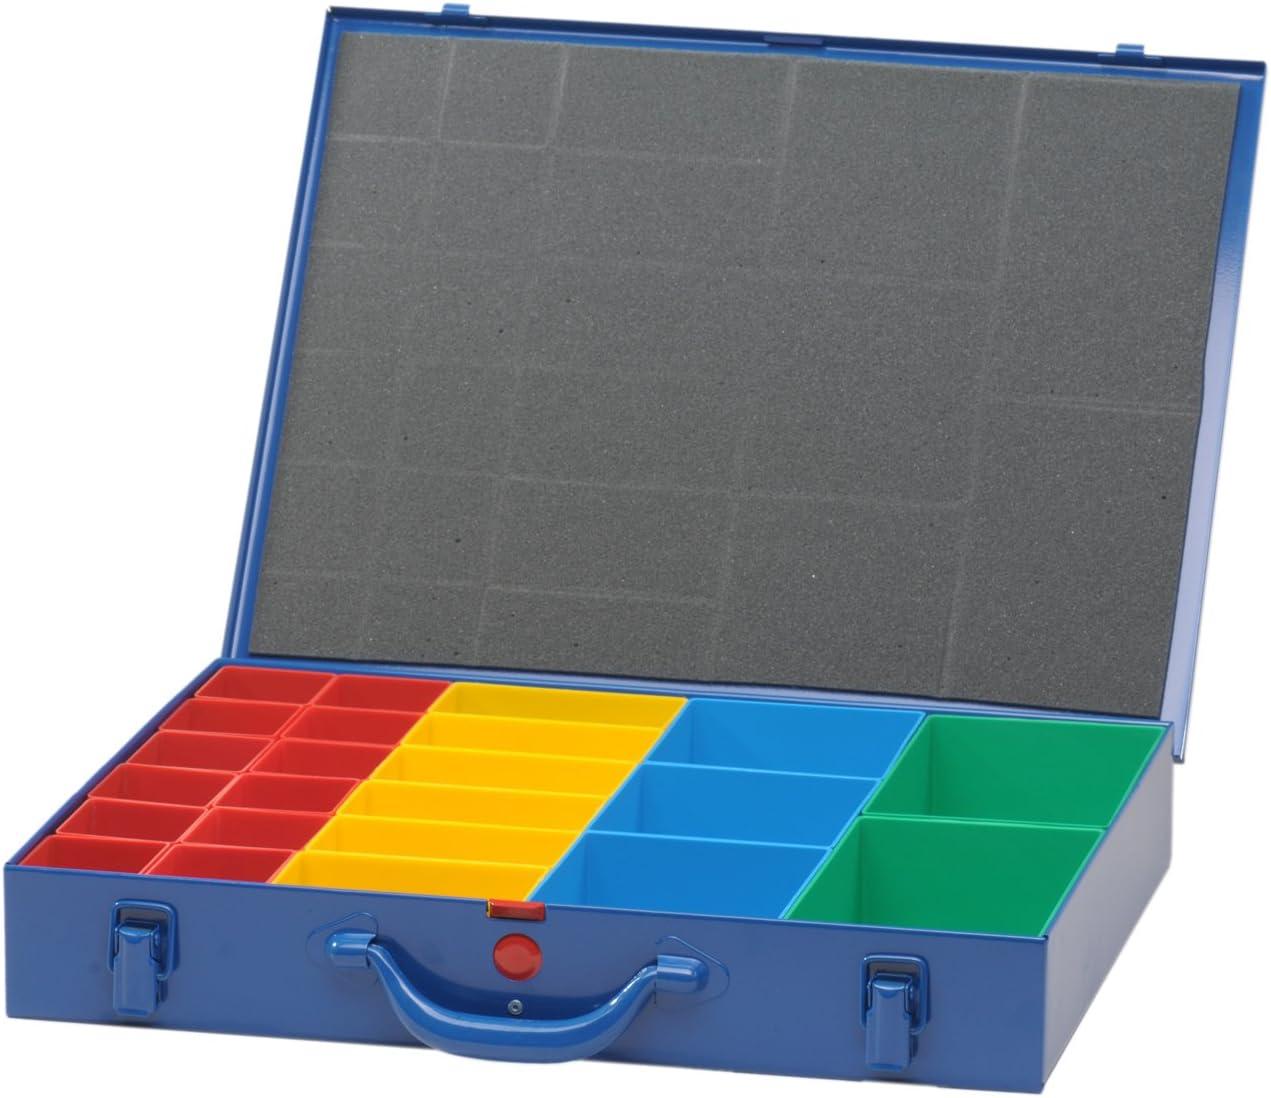 Bleu Noir Fonc/é h/ünersdorff GmbH 620800 Valises m/étalliques pour Petites pi/èces 23 casier /à ins/érer 330x440x66/mm